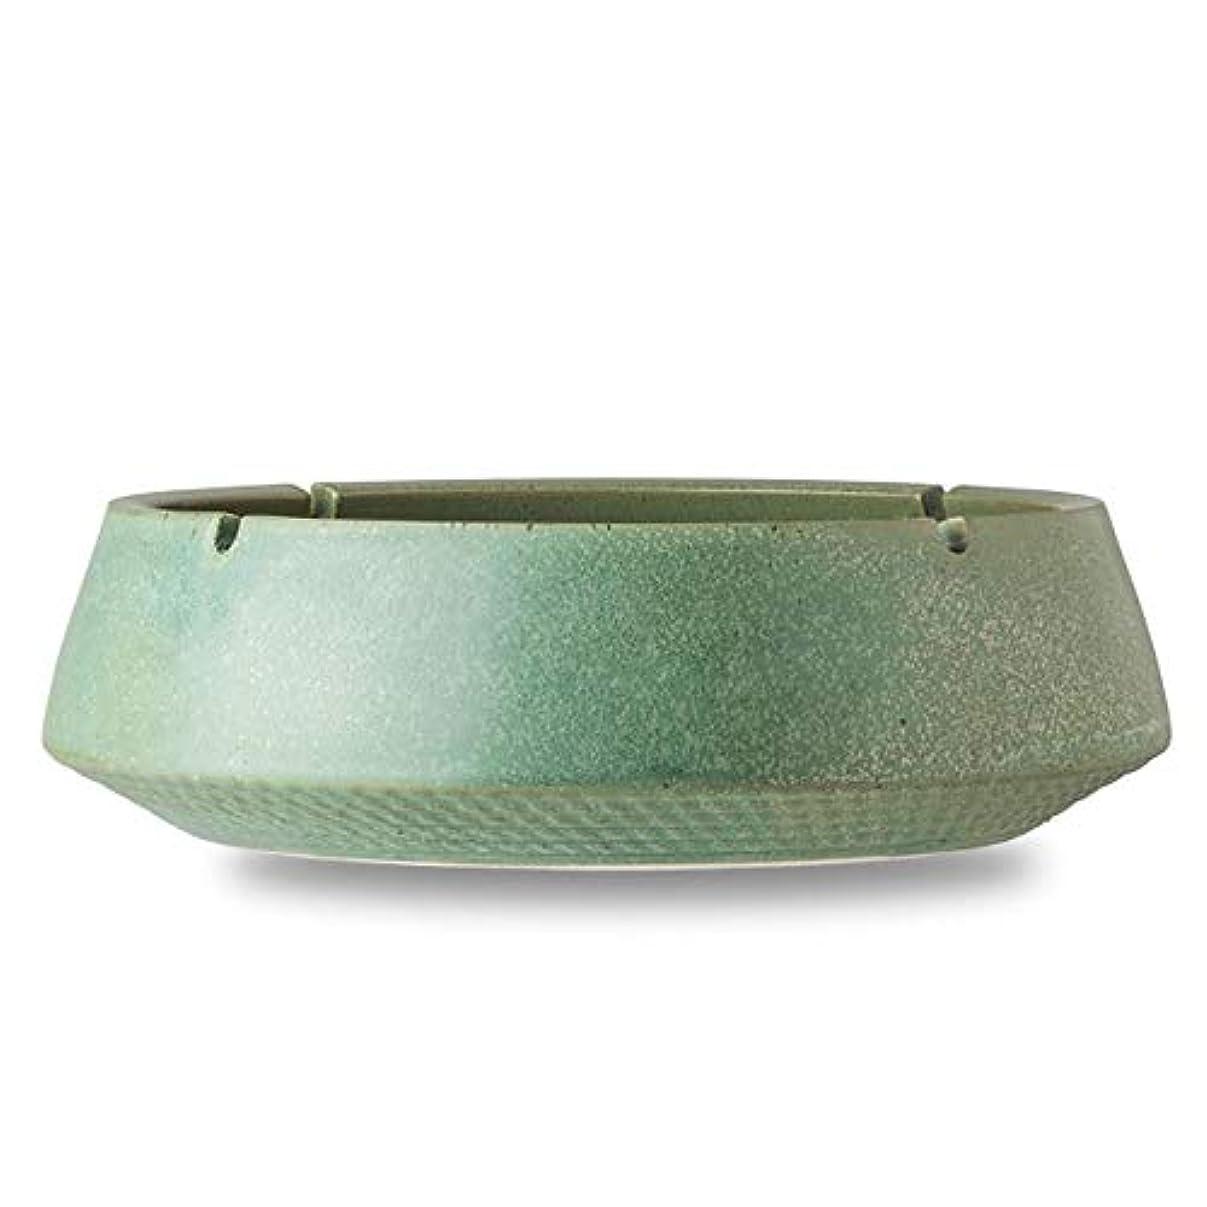 予約放置ネストクリエイティブエンボスセラミック灰皿大レトロホームリビングルームオフィス肥厚灰皿、デザインの安定性と格納するのは簡単に増すために厚く、レリーフ底の個性はもっと (色 : D)